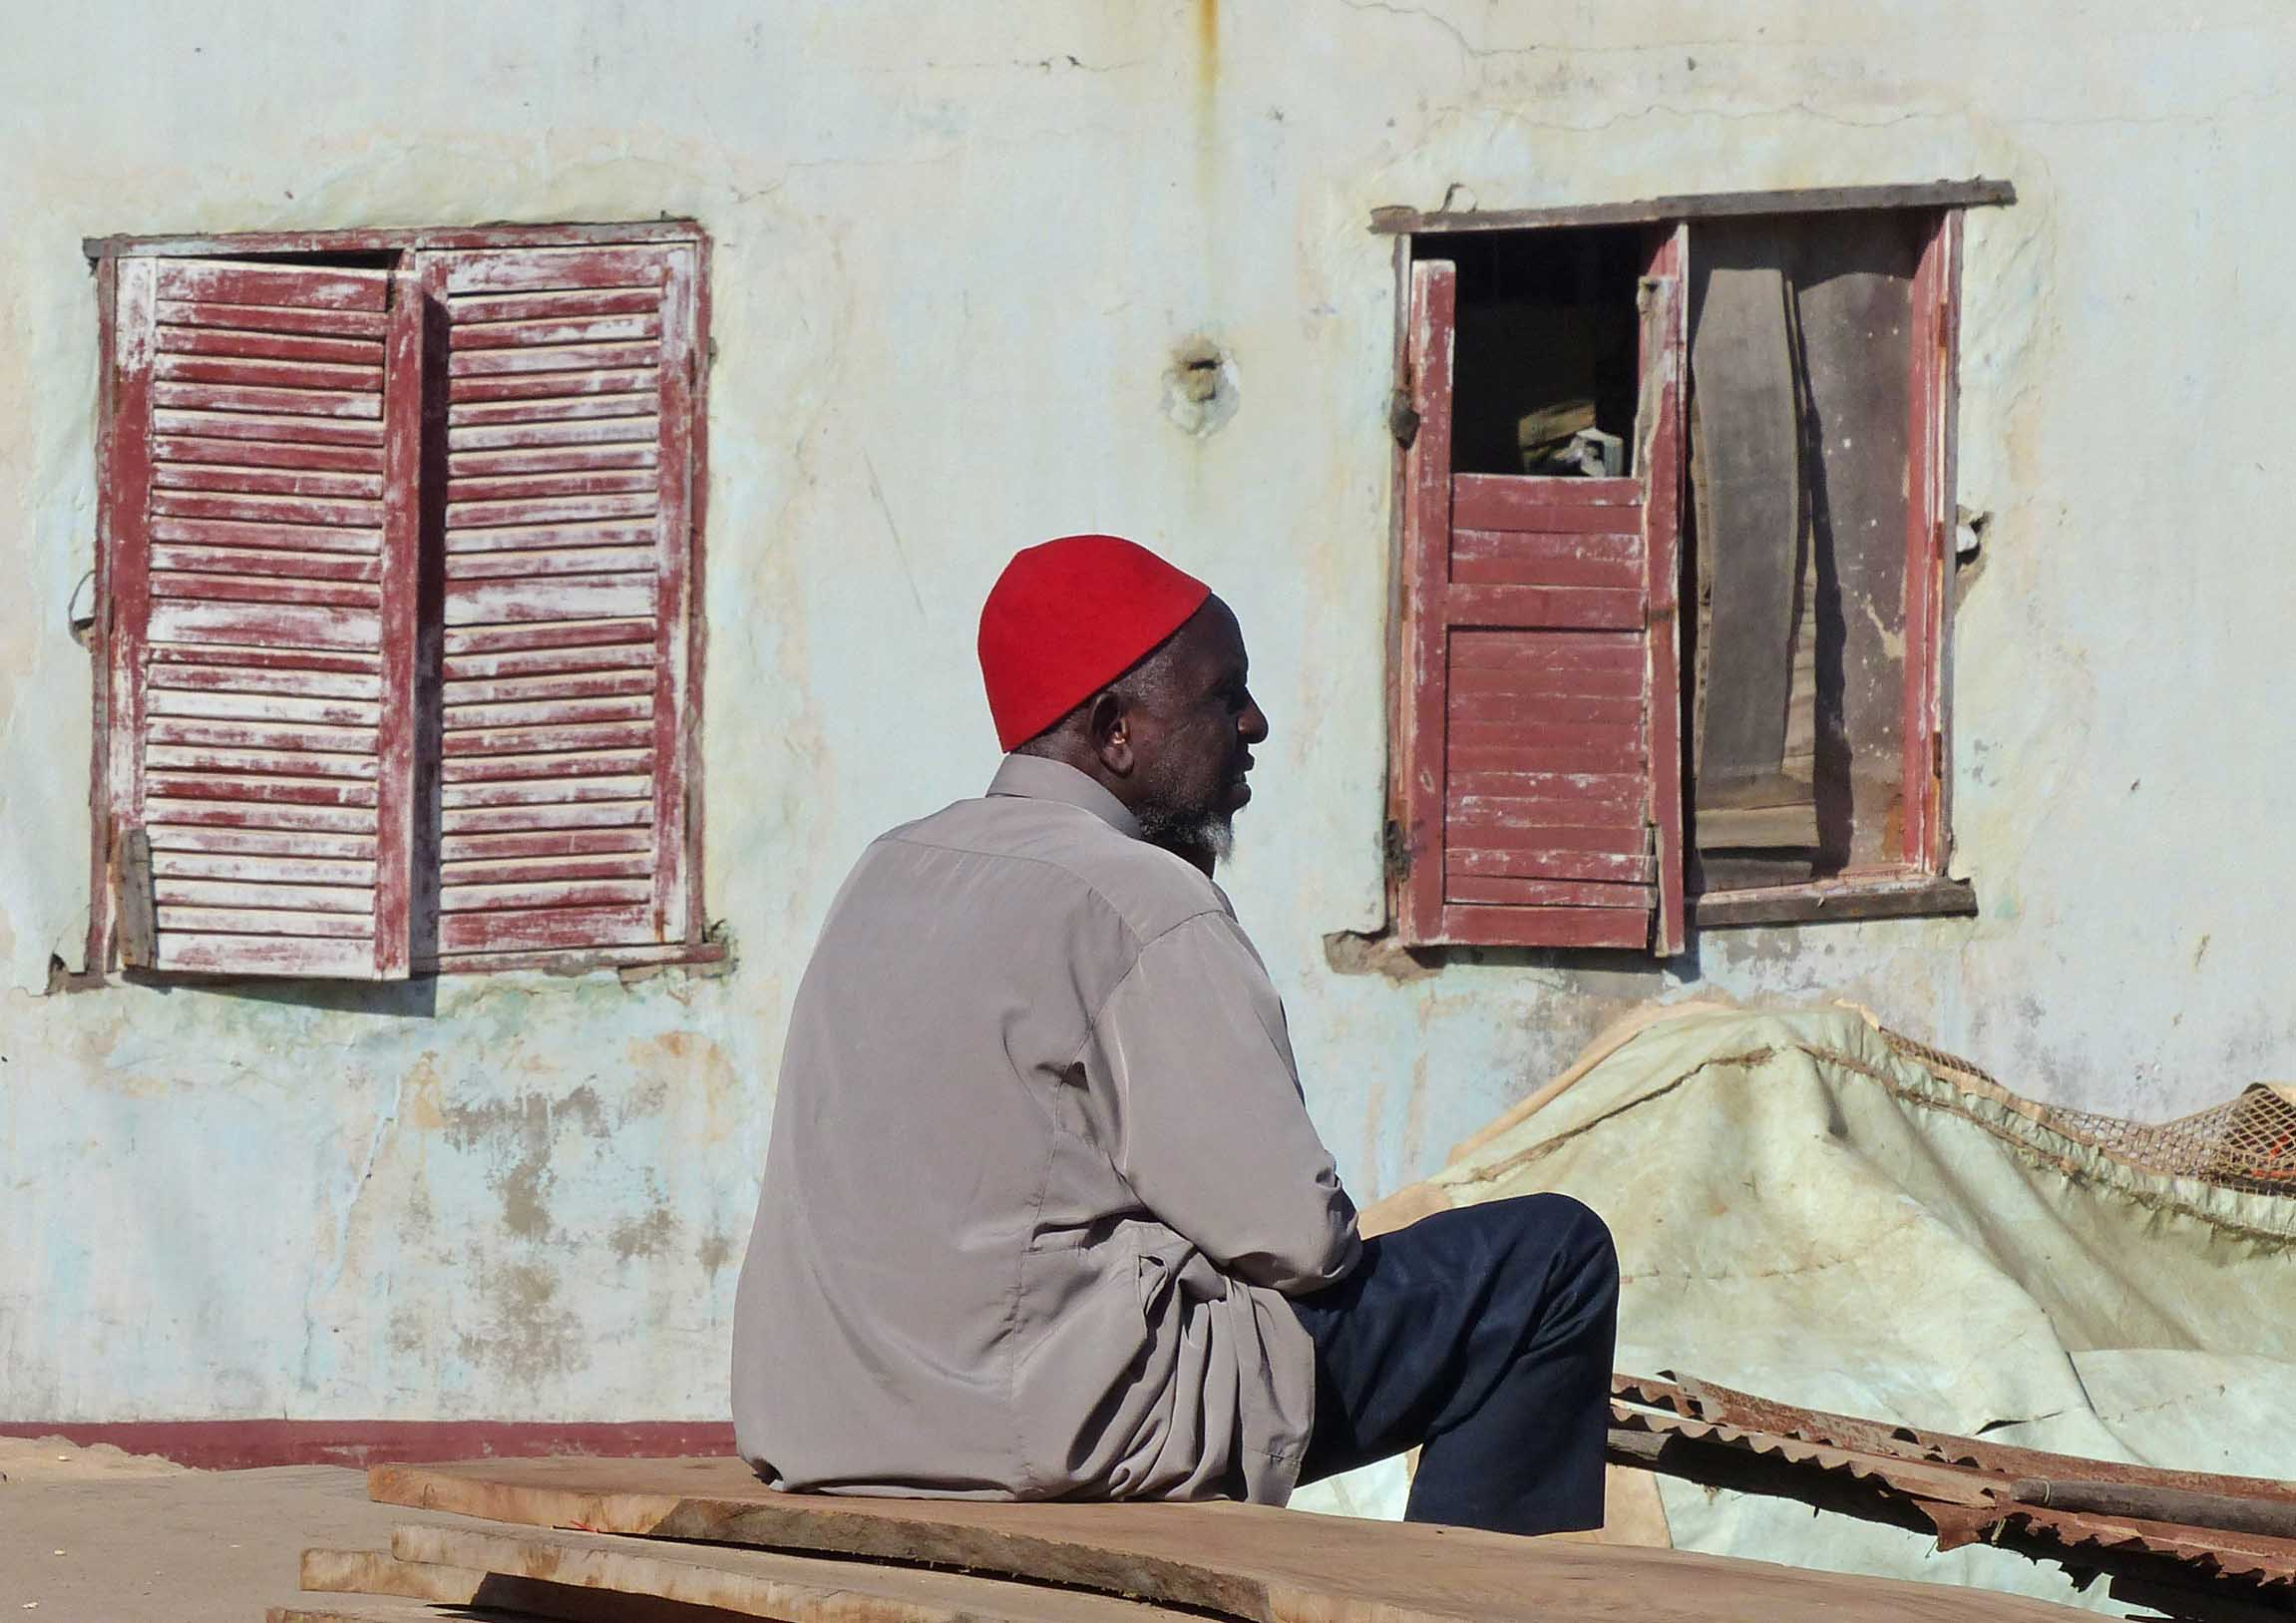 Man sitting among boats near a house